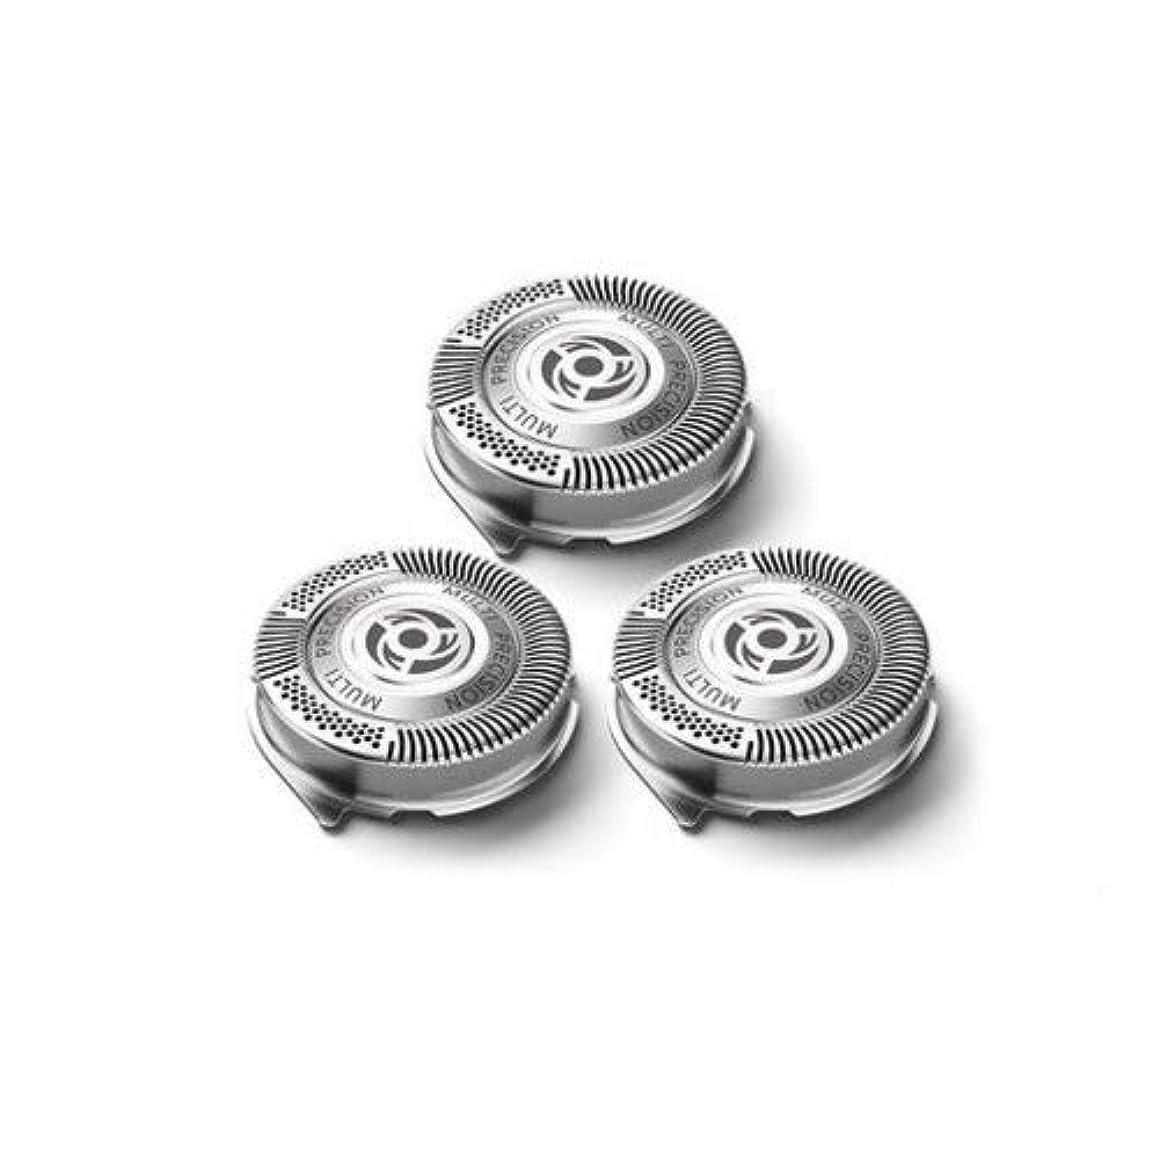 アクセスできない市の花出演者シェーバーカミソリヘッド交換 替え刃 に適用するPhilips SH50 DualPrecisionヘッド(3個)